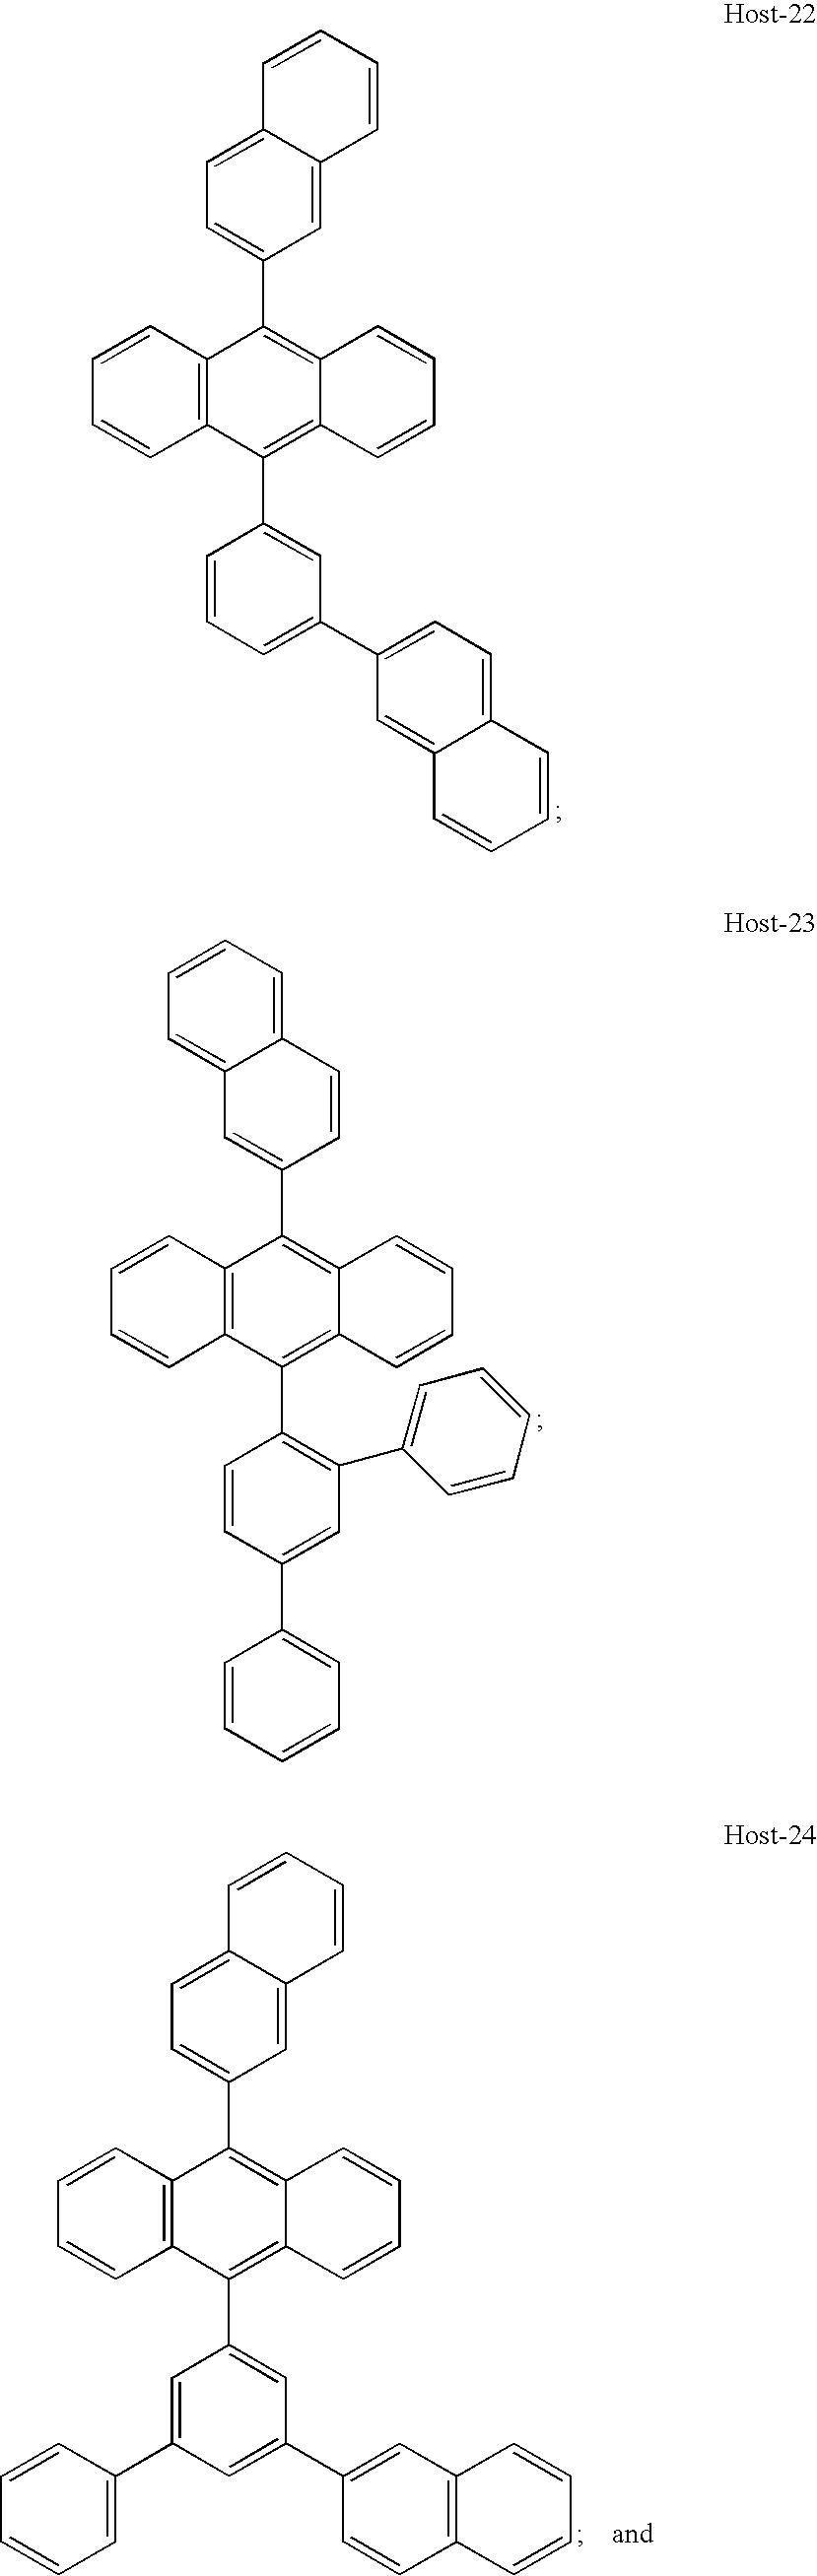 Figure US20060105198A1-20060518-C00011